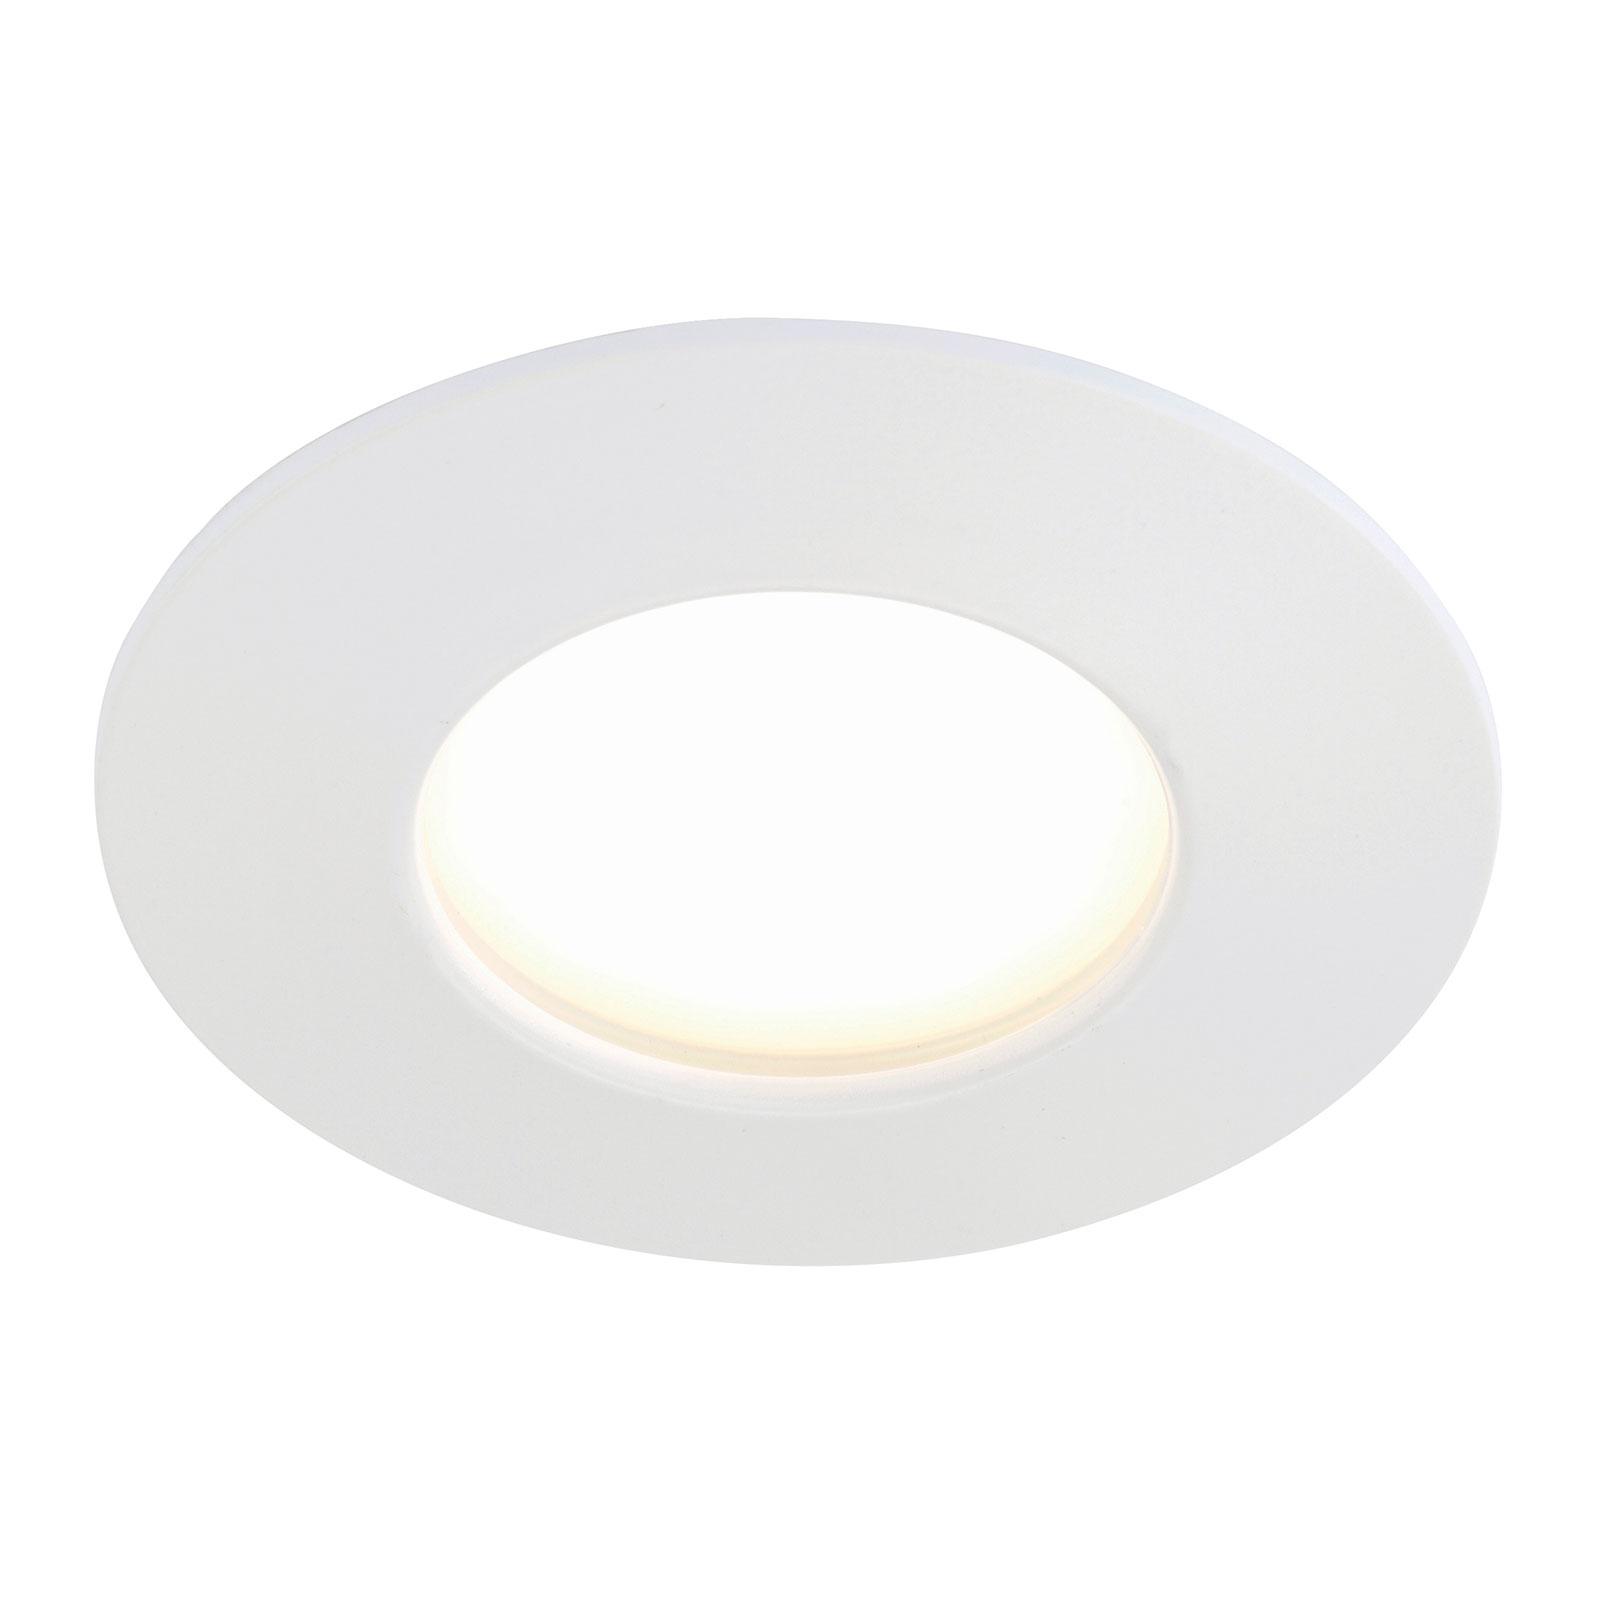 Weiße LED-Einbauleuchte Felia, IP44